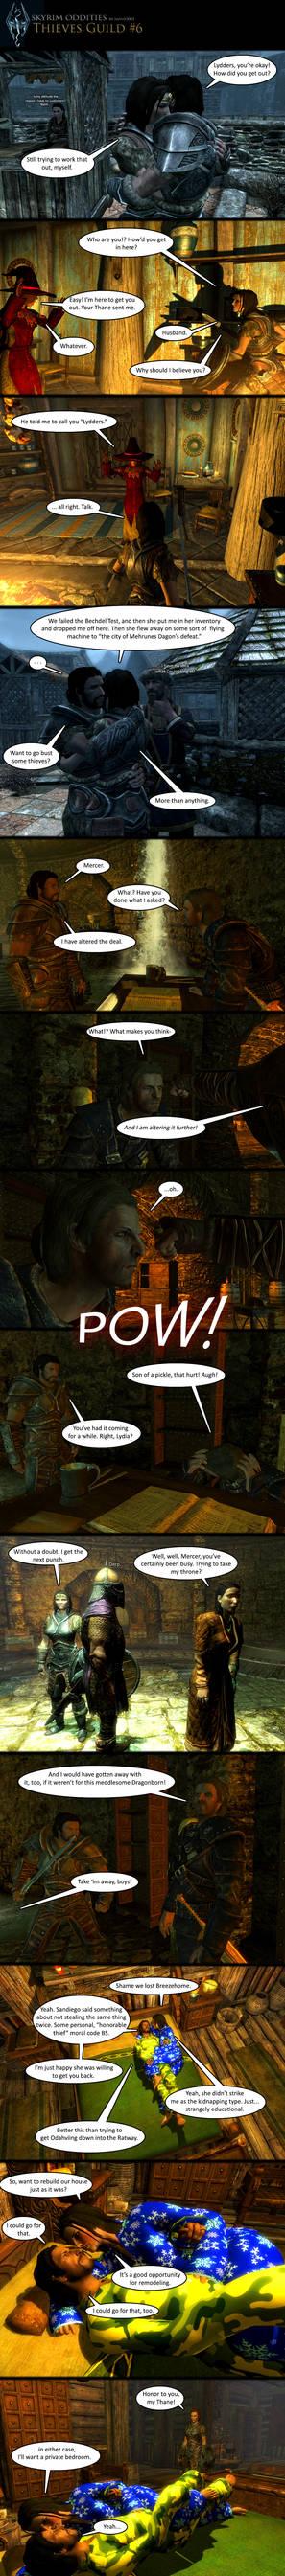 Skyrim Oddities: Thieves Guild #6